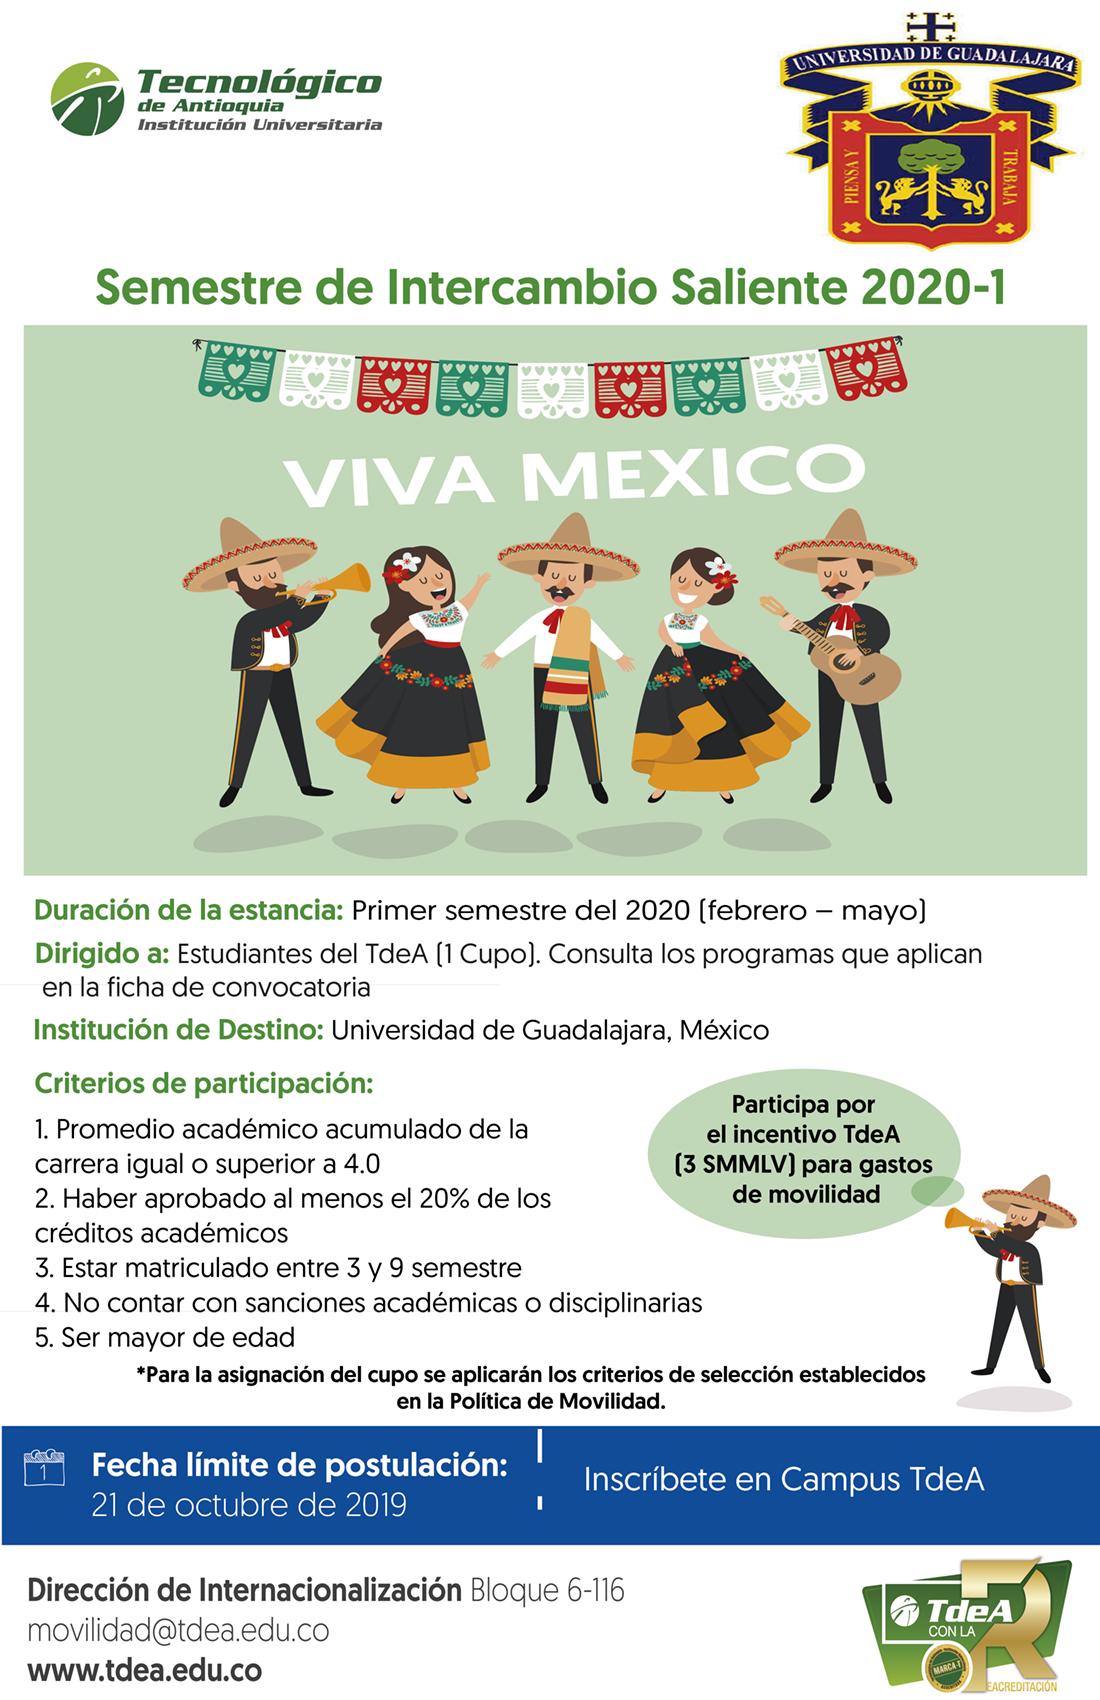 Semestre de intercambio Saliente 2020 - 1 Universidad de Guadalajara